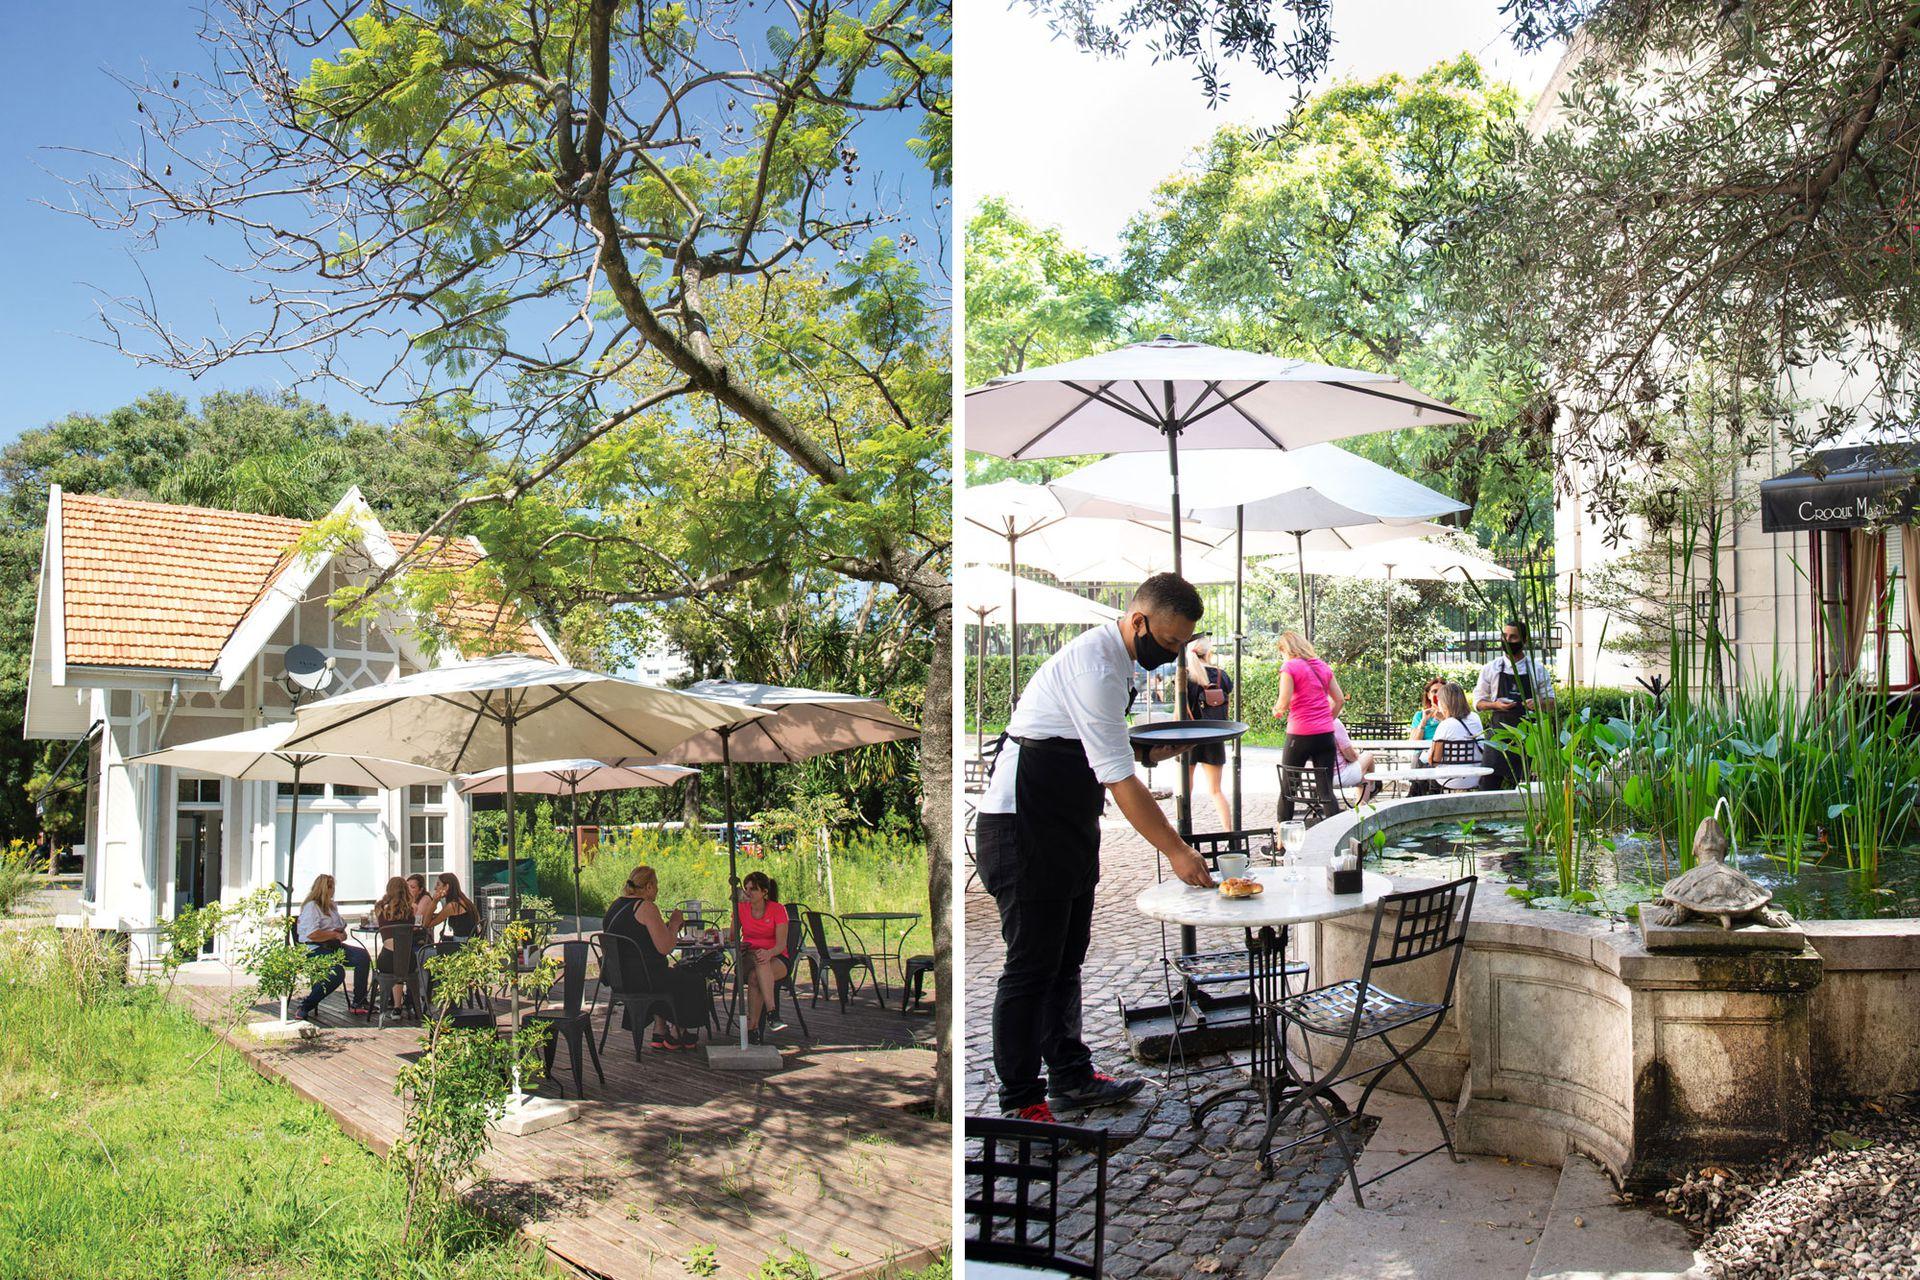 En el Ecoparque (izquierda) y en el Museo de Arte Decorativo (derecha), dos sitios de alto valor natural y arquitectónico en los que se encuentra Croque Madame Café.